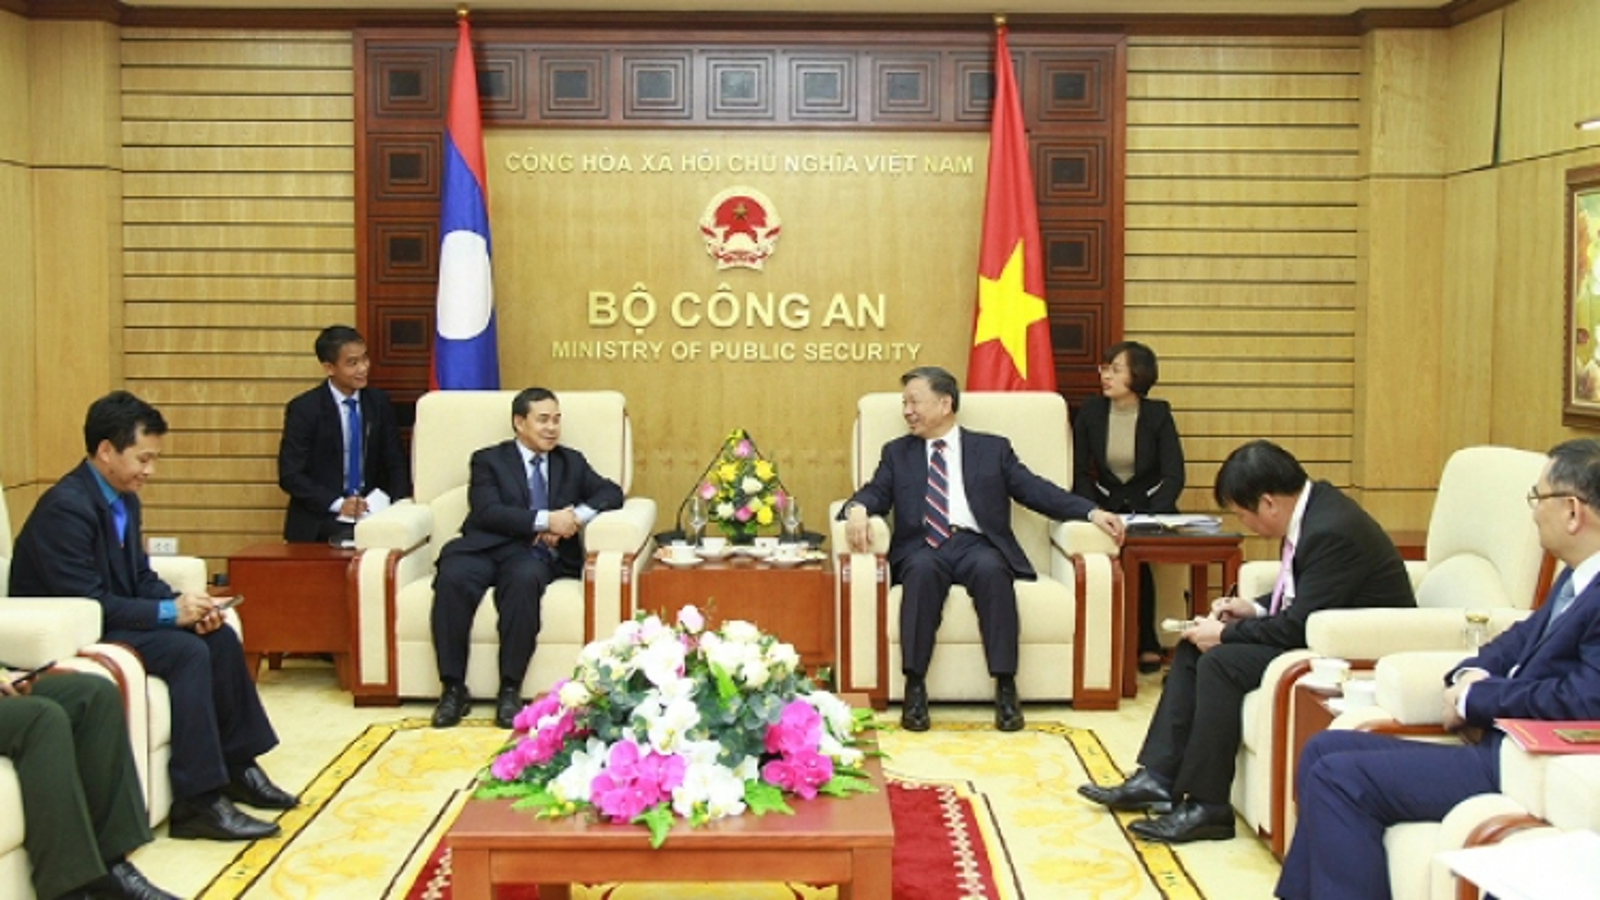 Bộ trưởng Công an Tô Lâm tiếp Đại sứ CHDCND Lào